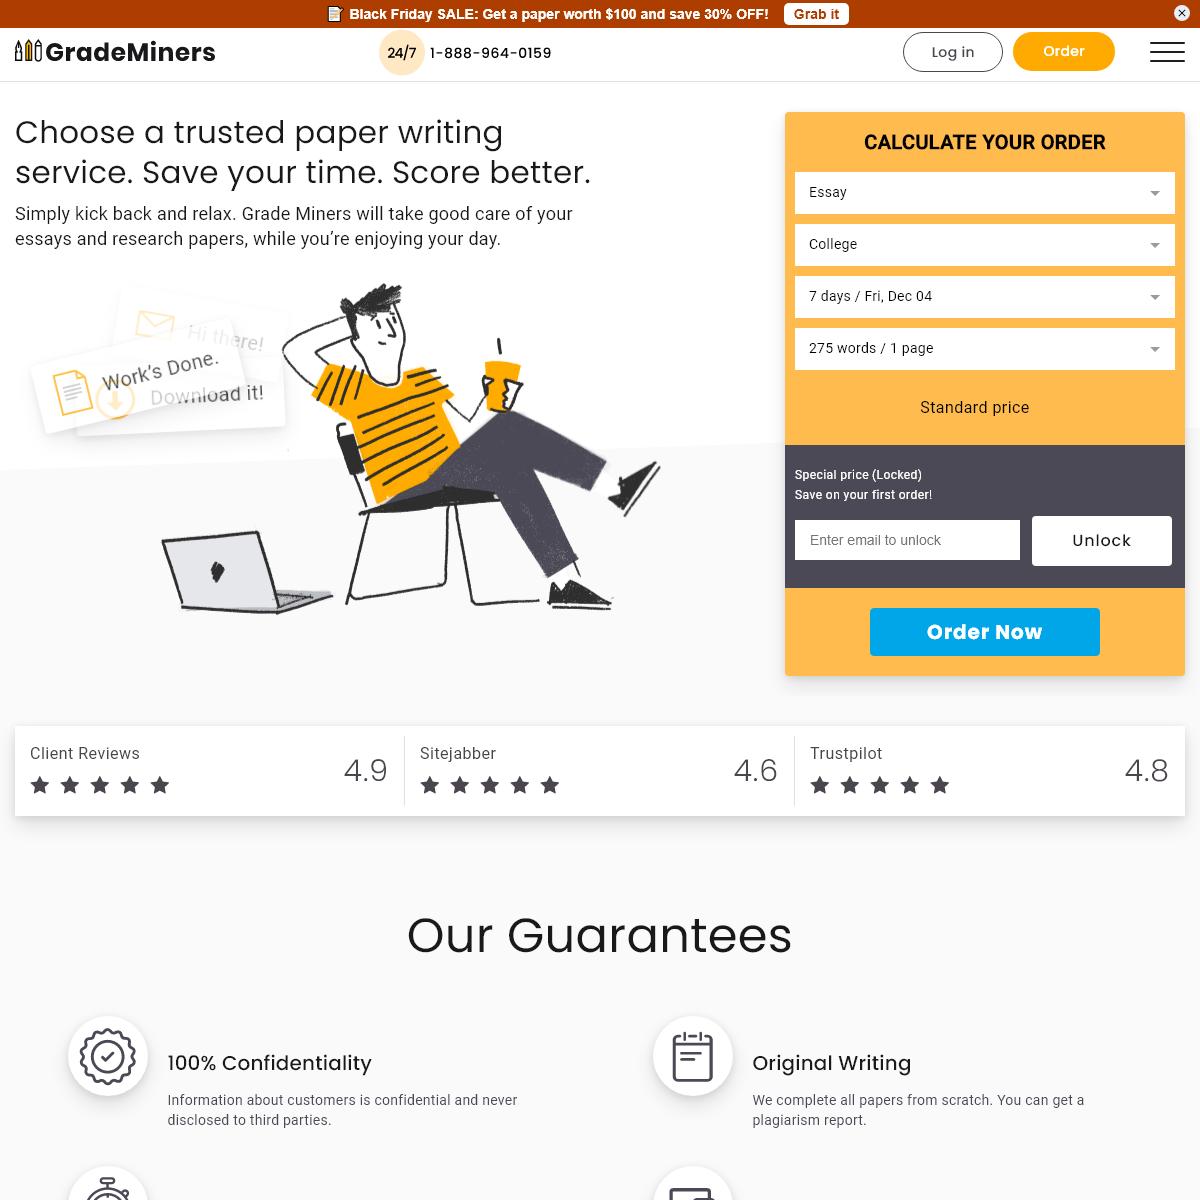 Essay Writer & Essay Writing Service - GradeMiners.com 💡